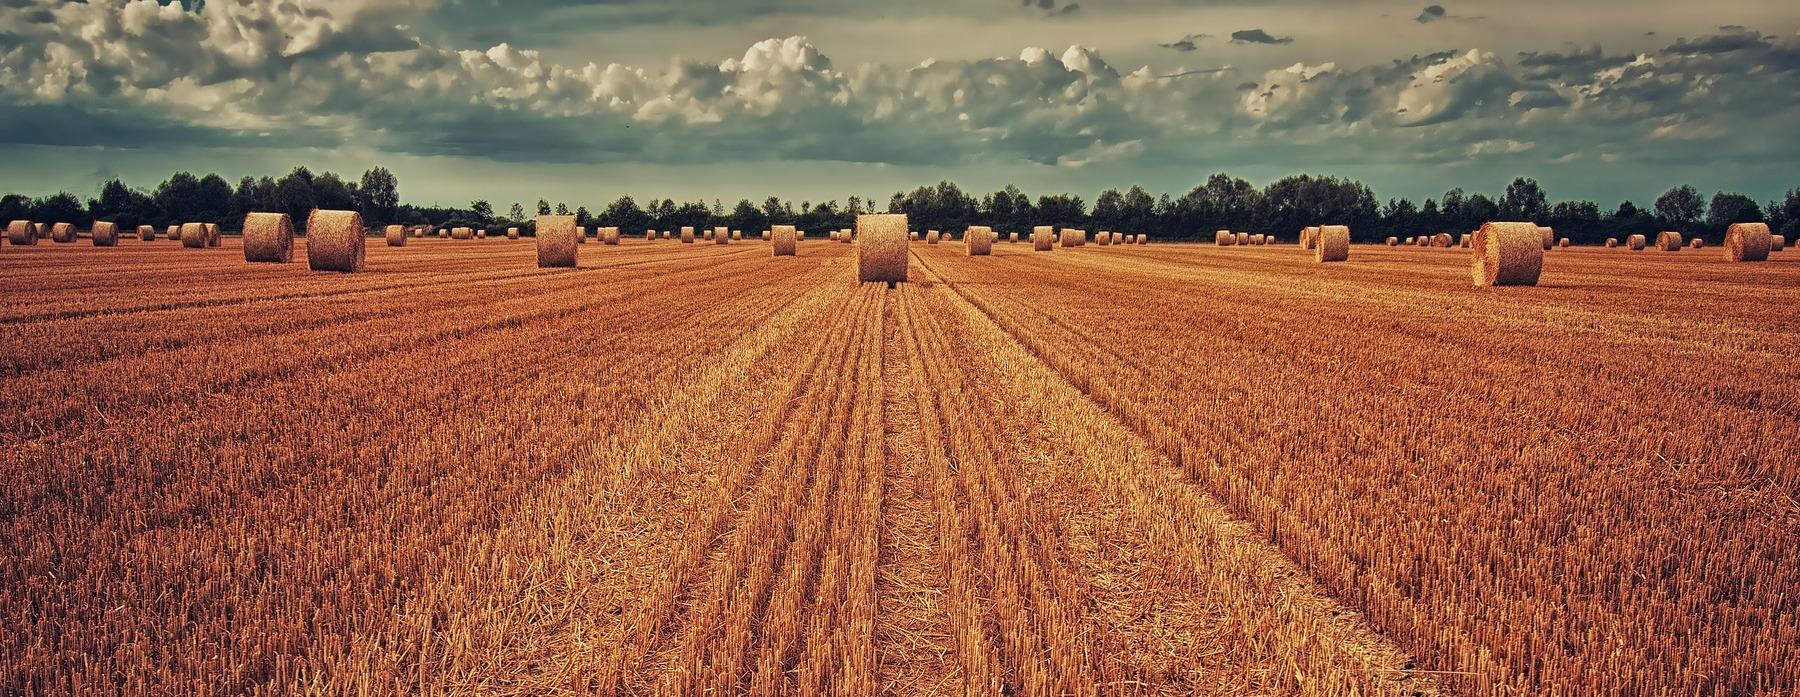 スモレンスクの会社がポーランドに農業機械を輸出